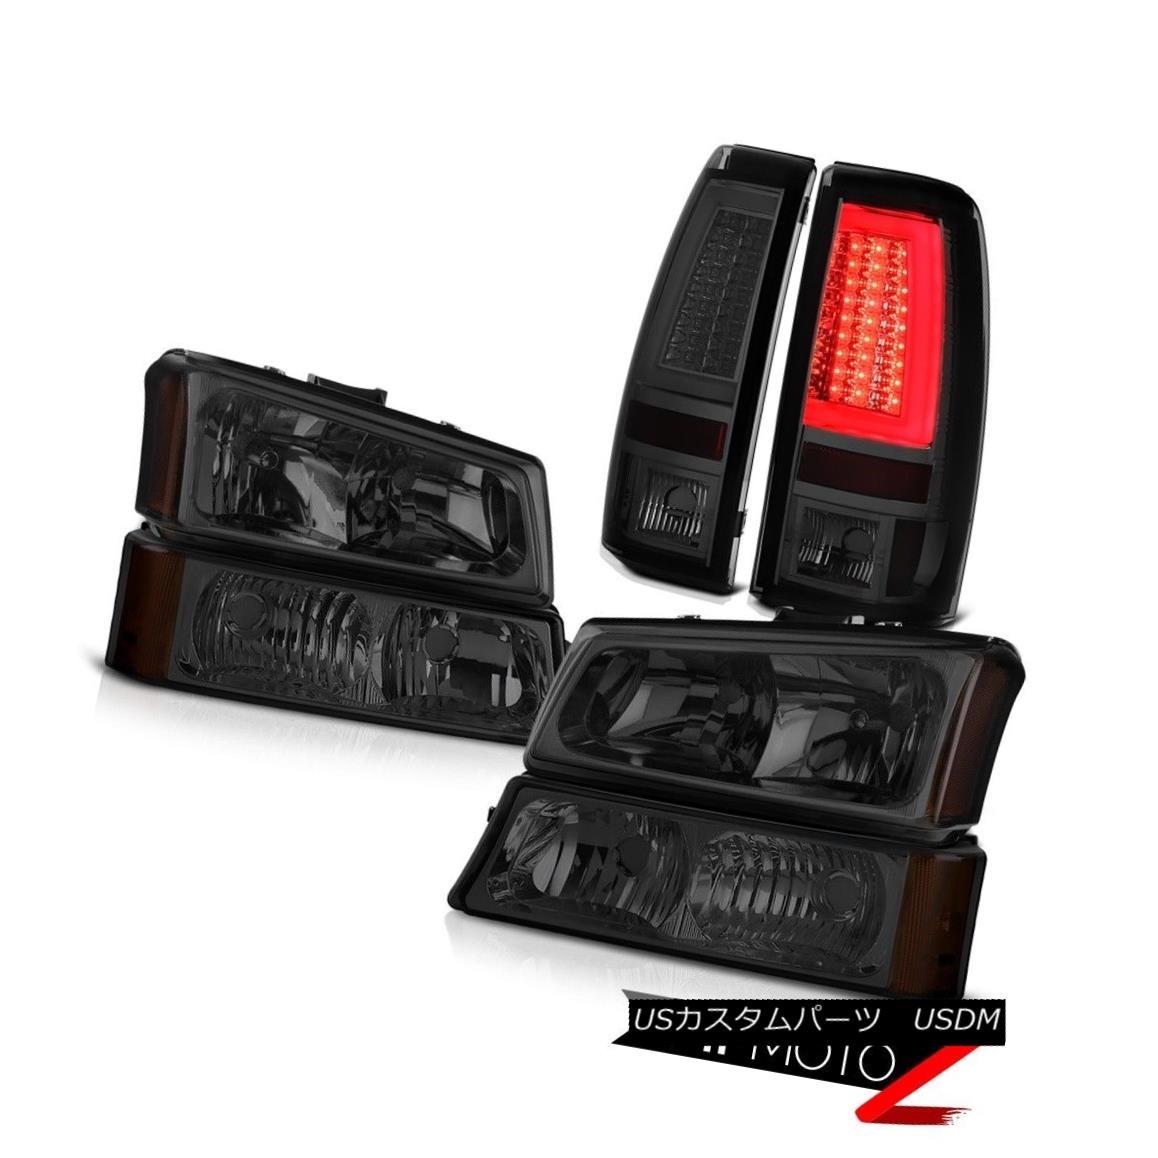 テールライト 03 04 05 06 Silverado Phantom Smoke Taillamps Parking Light Headlamps Light Bar 03 04 05 06 Silverado Phantom Smoke Taillampsパーキングライトヘッドランプライトバー